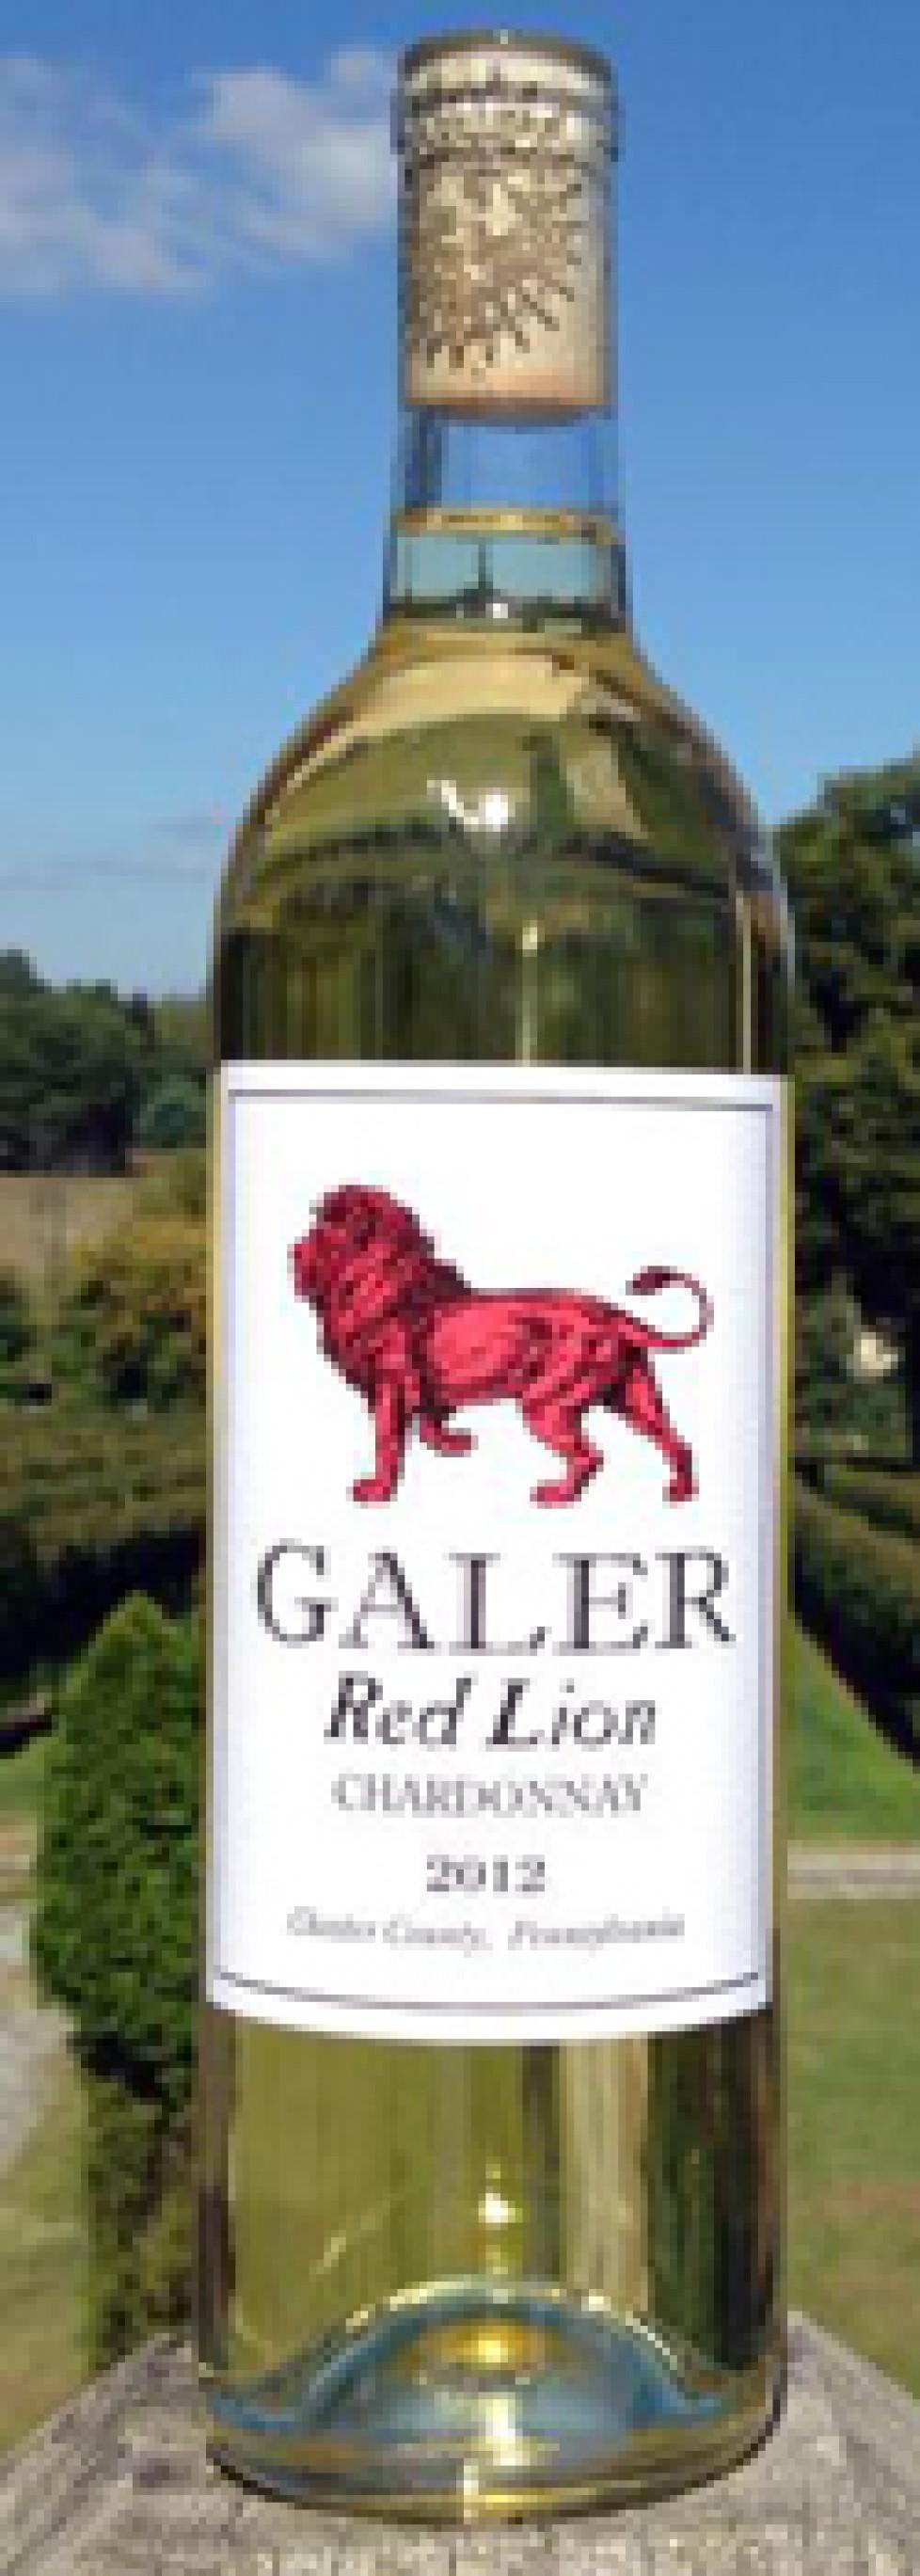 galer-estate-red-lion-chardonnay